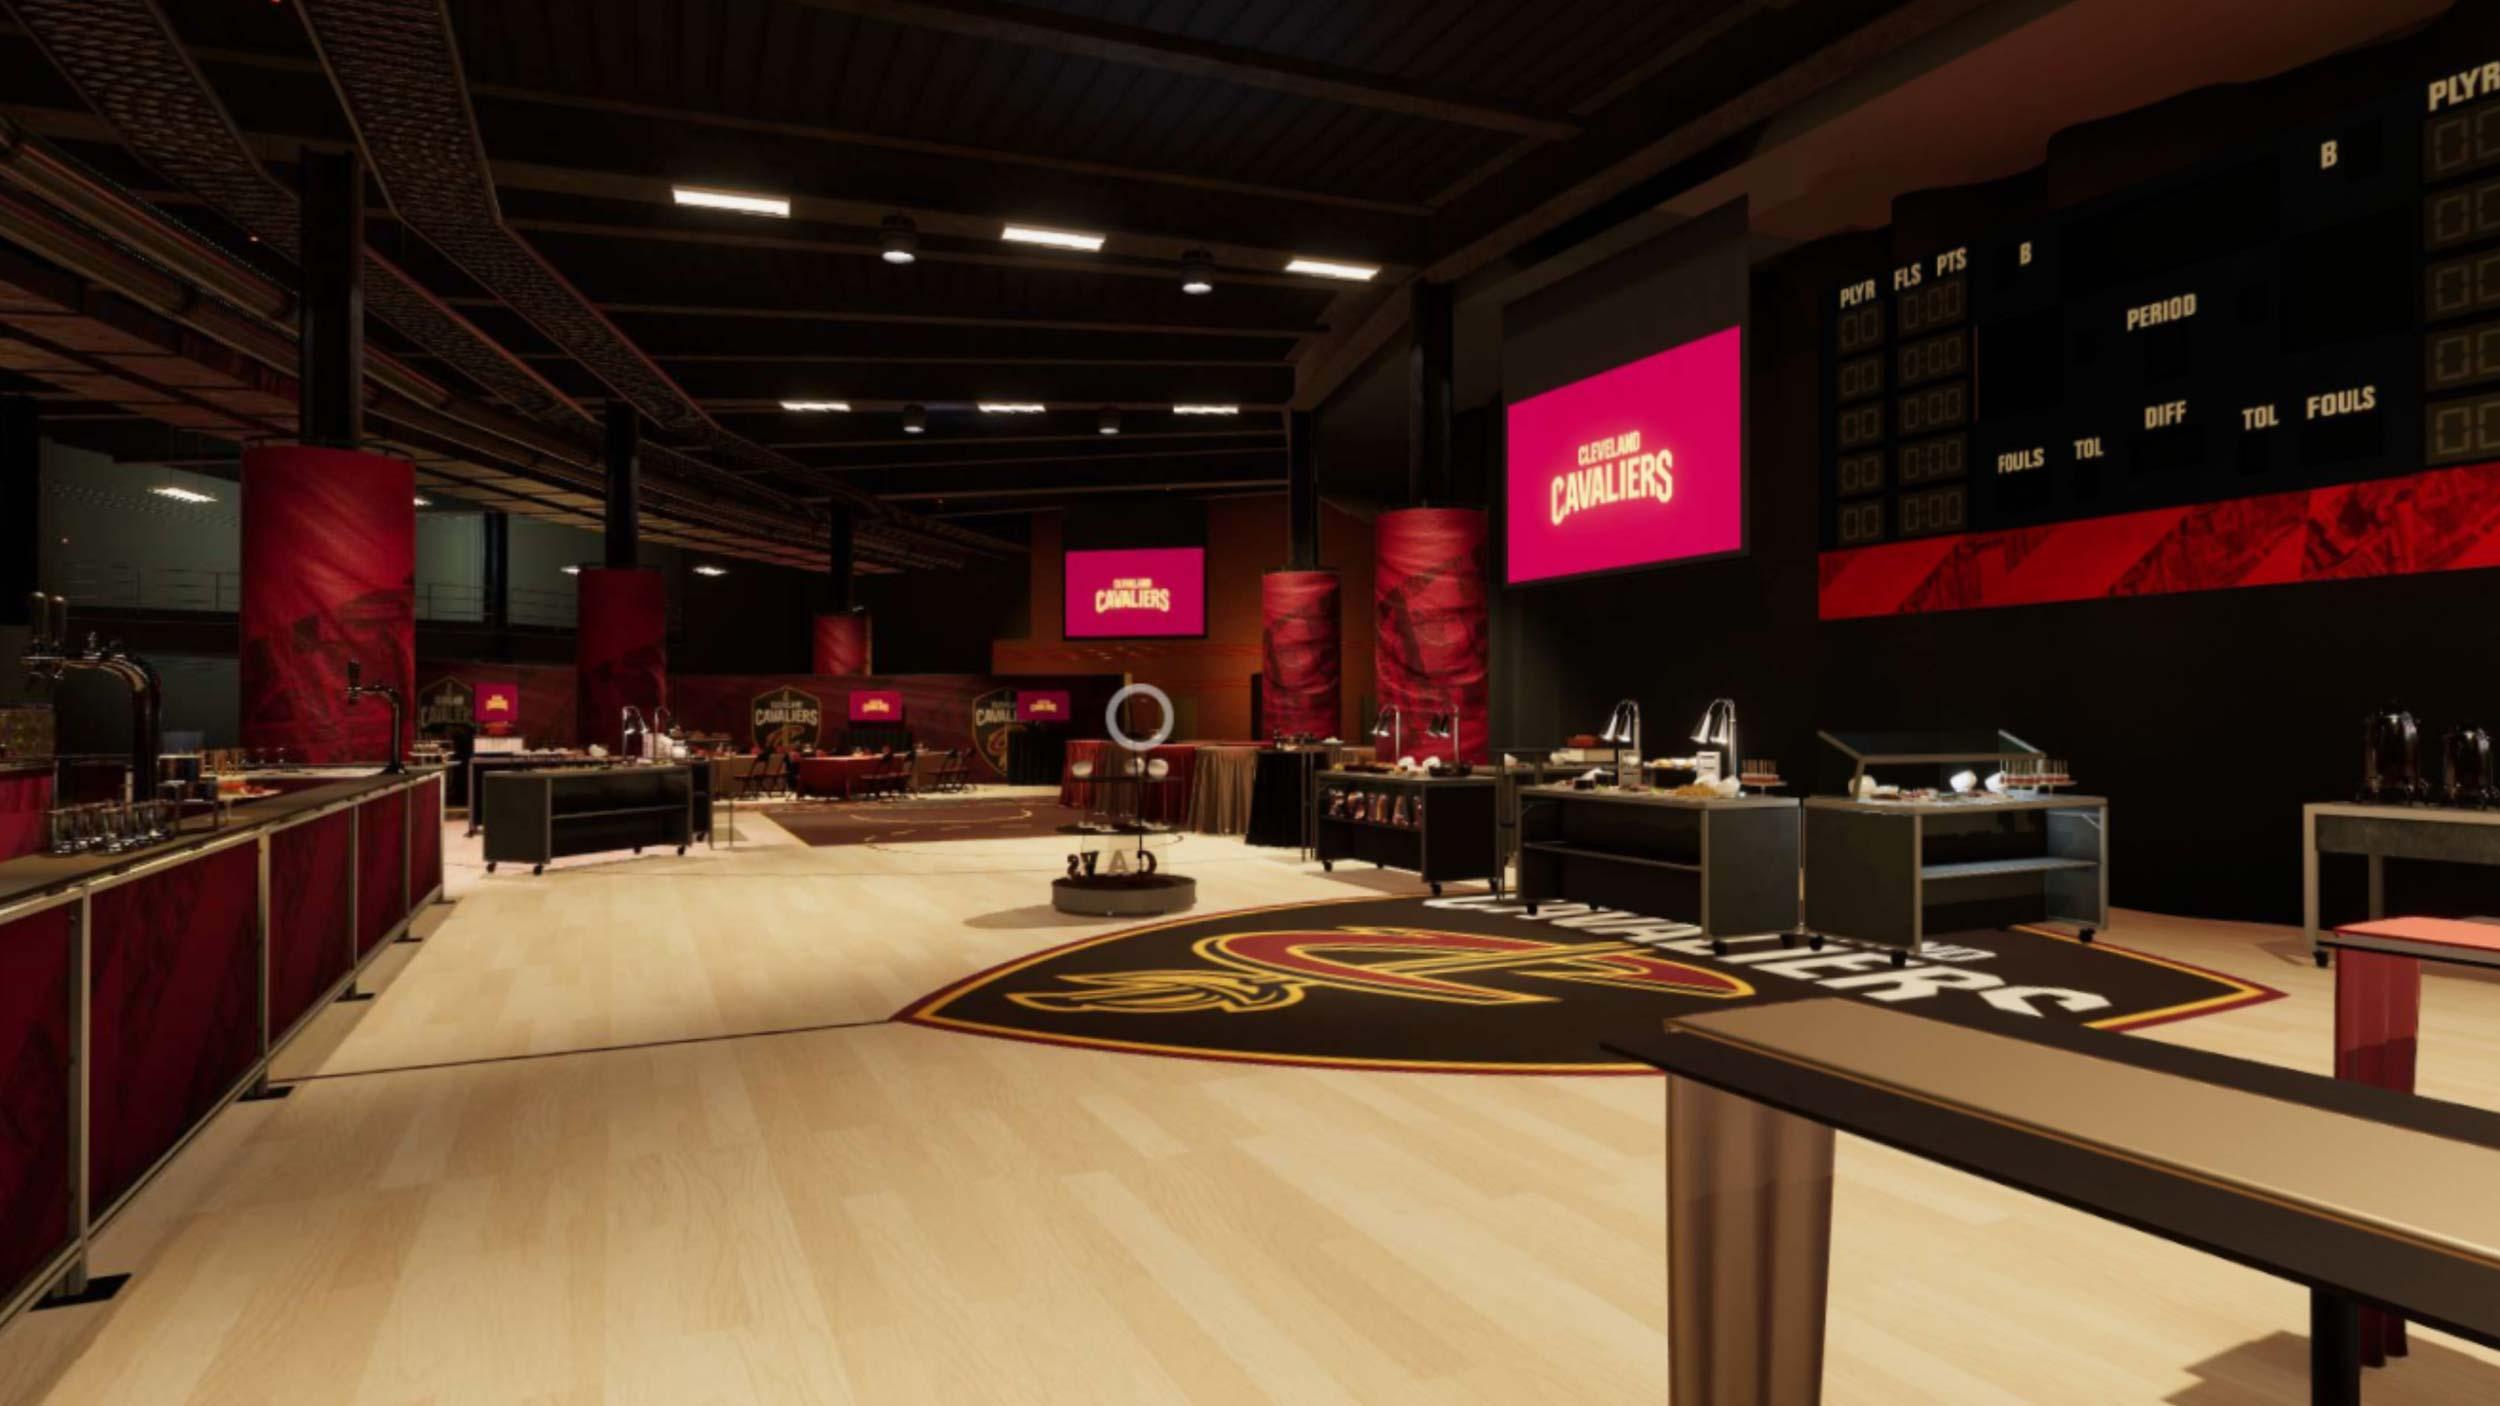 Courtside Club Bar